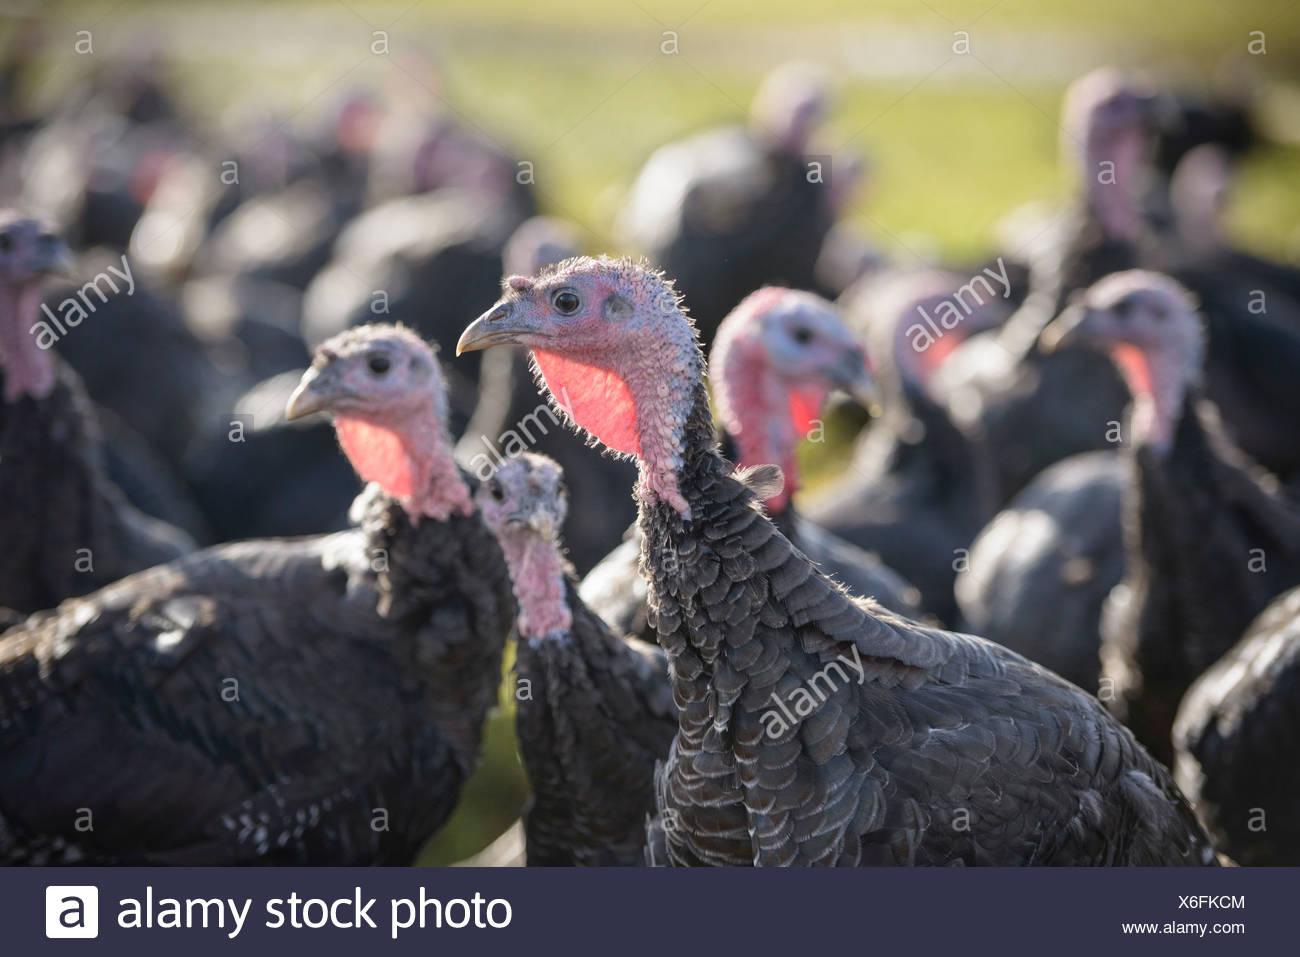 Turkeys on free range farm - Stock Image